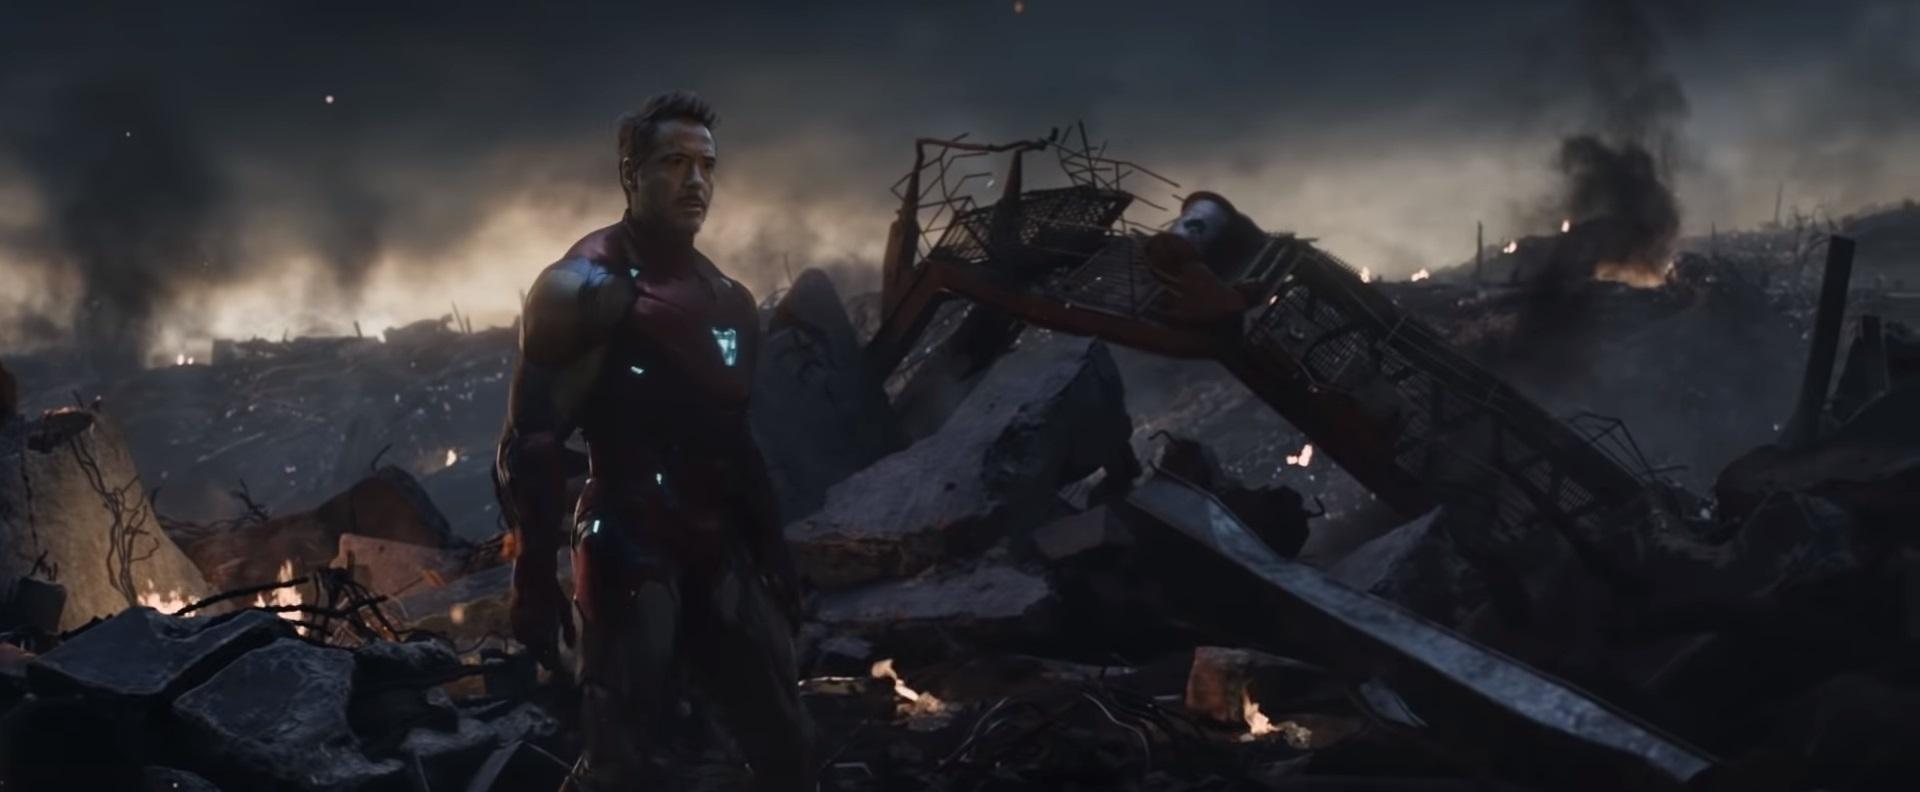 avengers endgame full movie mp4 free download